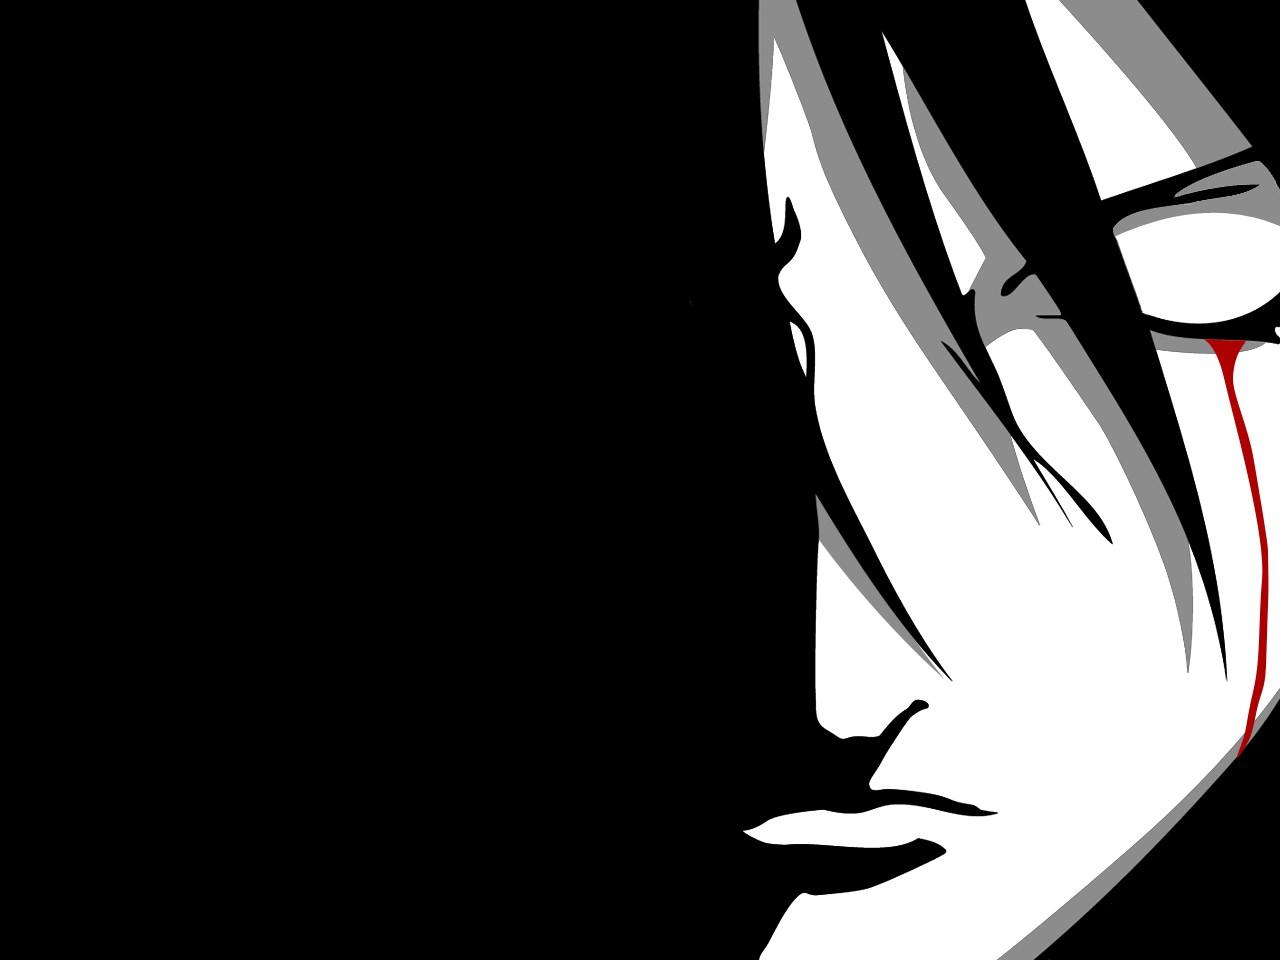 Wallpaper Illustration Closed Eyes Cartoon Naruto Shippuuden